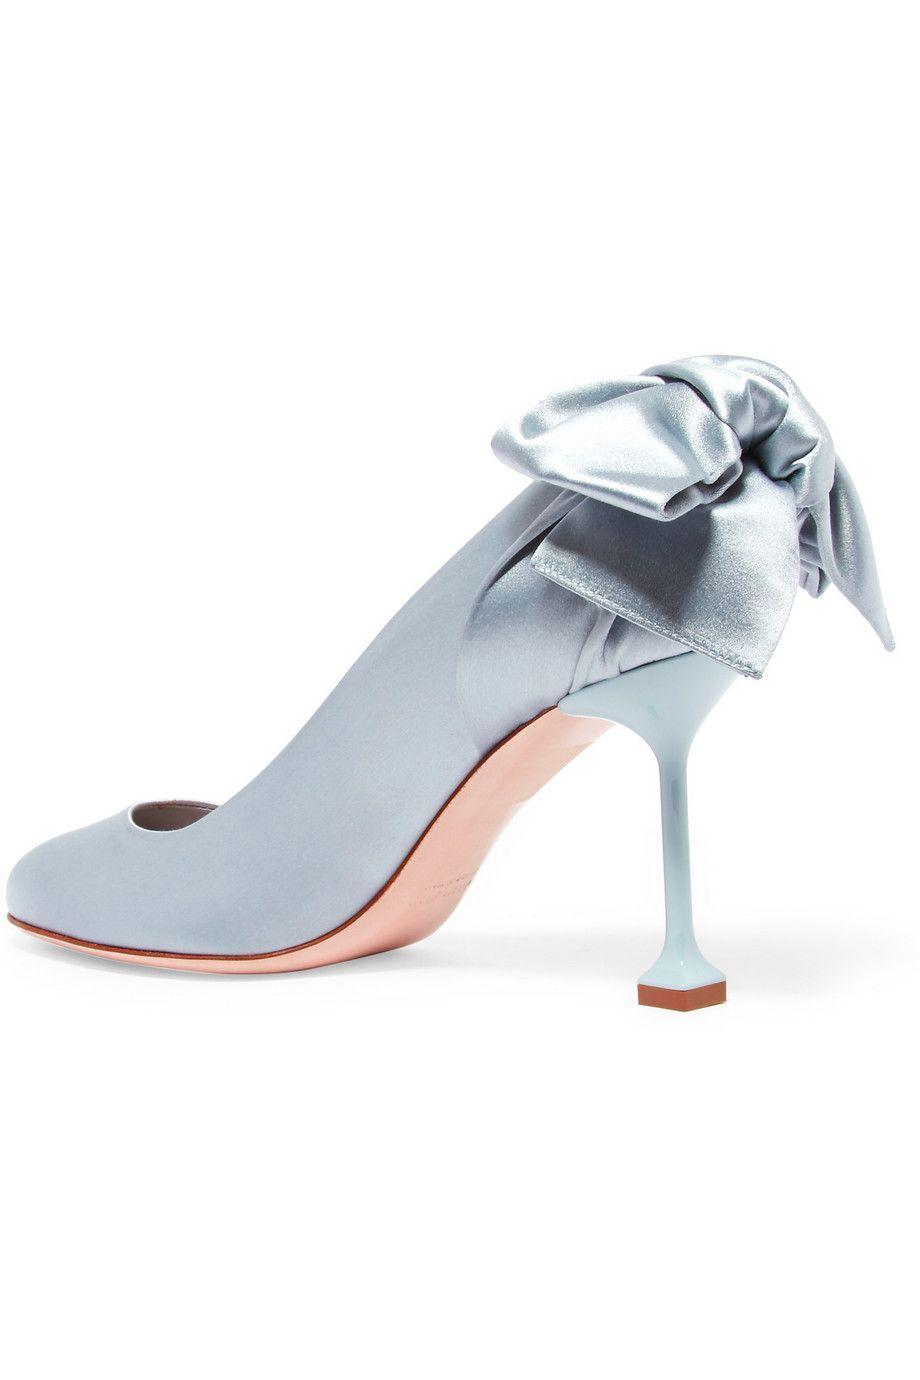 14478300a Miu Miu | Bow-embellished satin pumps | NET-A-PORTER.COM | Miu Miu ...